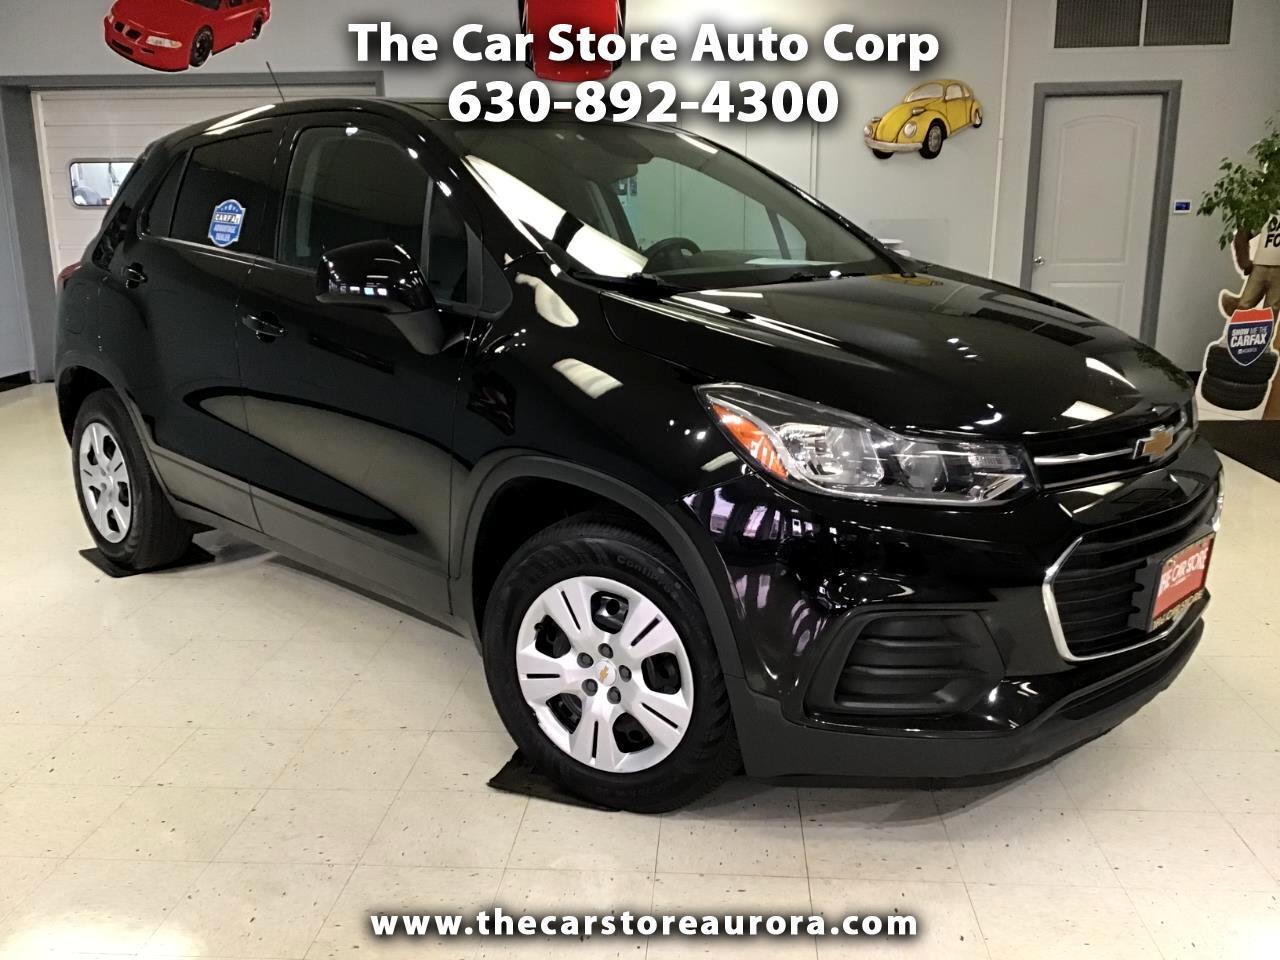 2018 Chevrolet Trax FWD 4dr LS